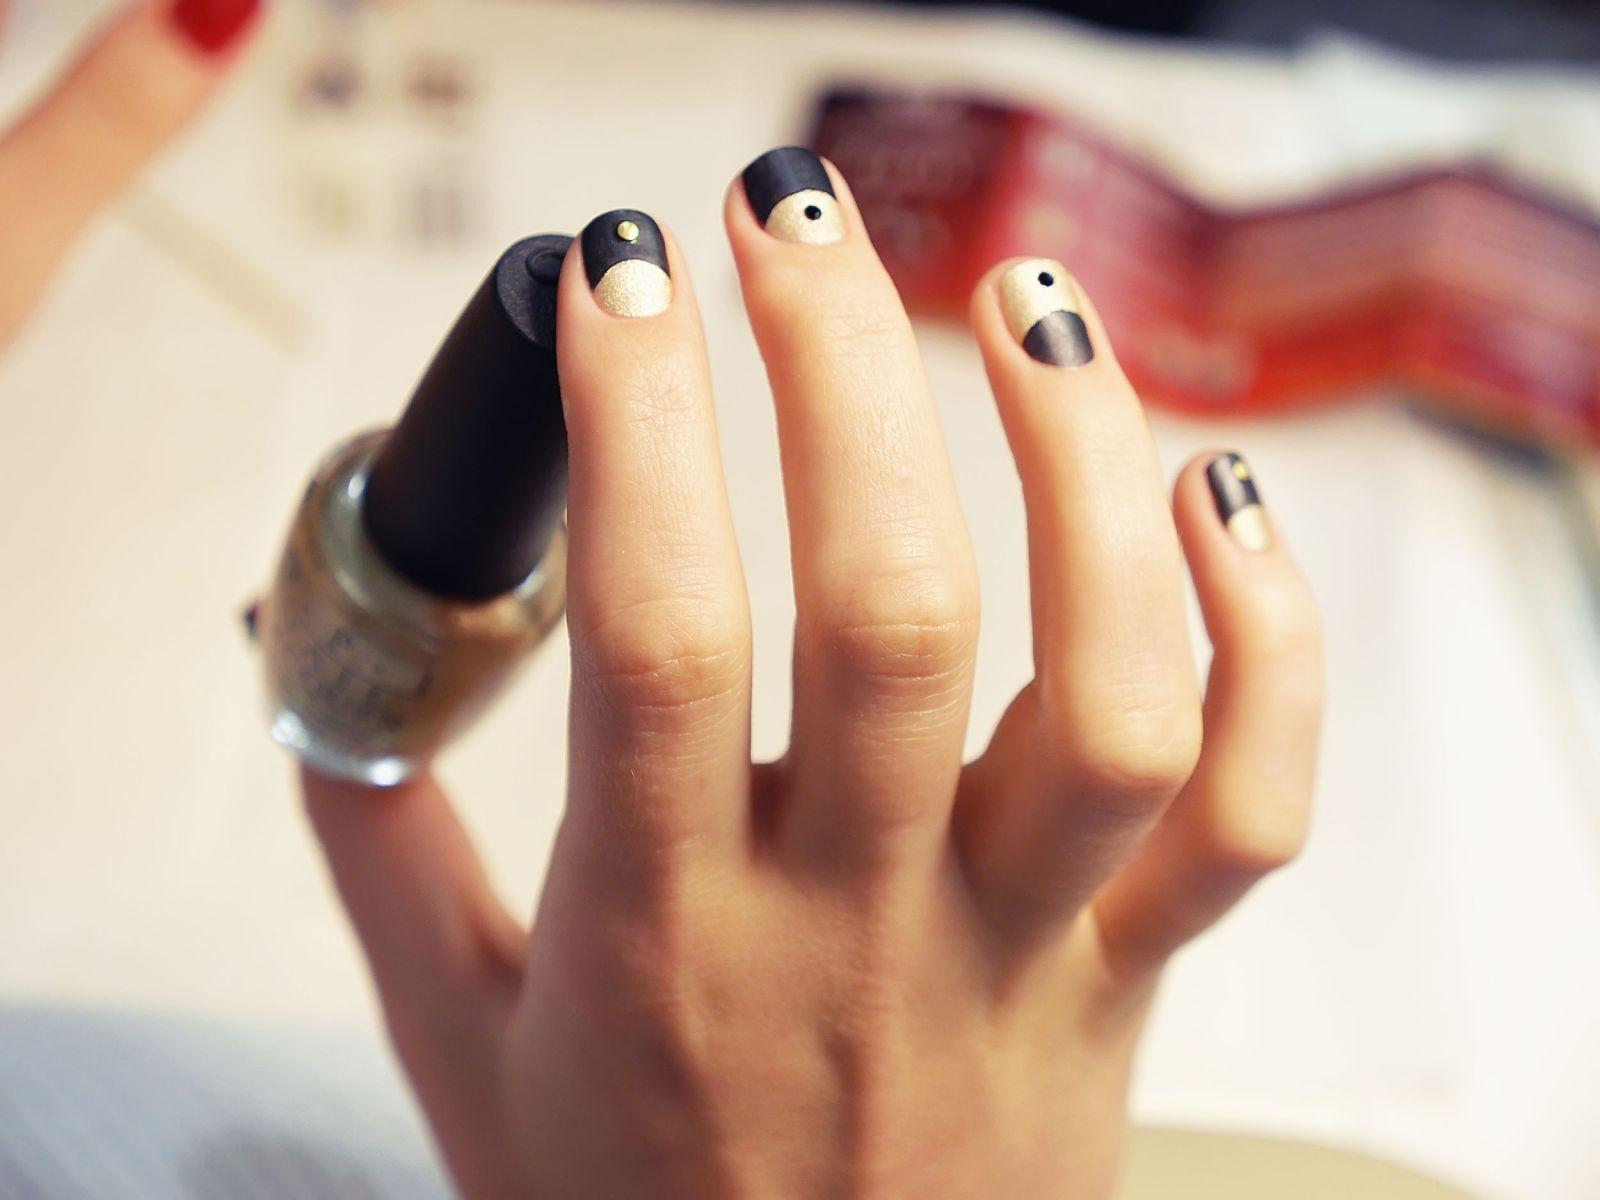 Рисунок инь и янь на ногтях фото